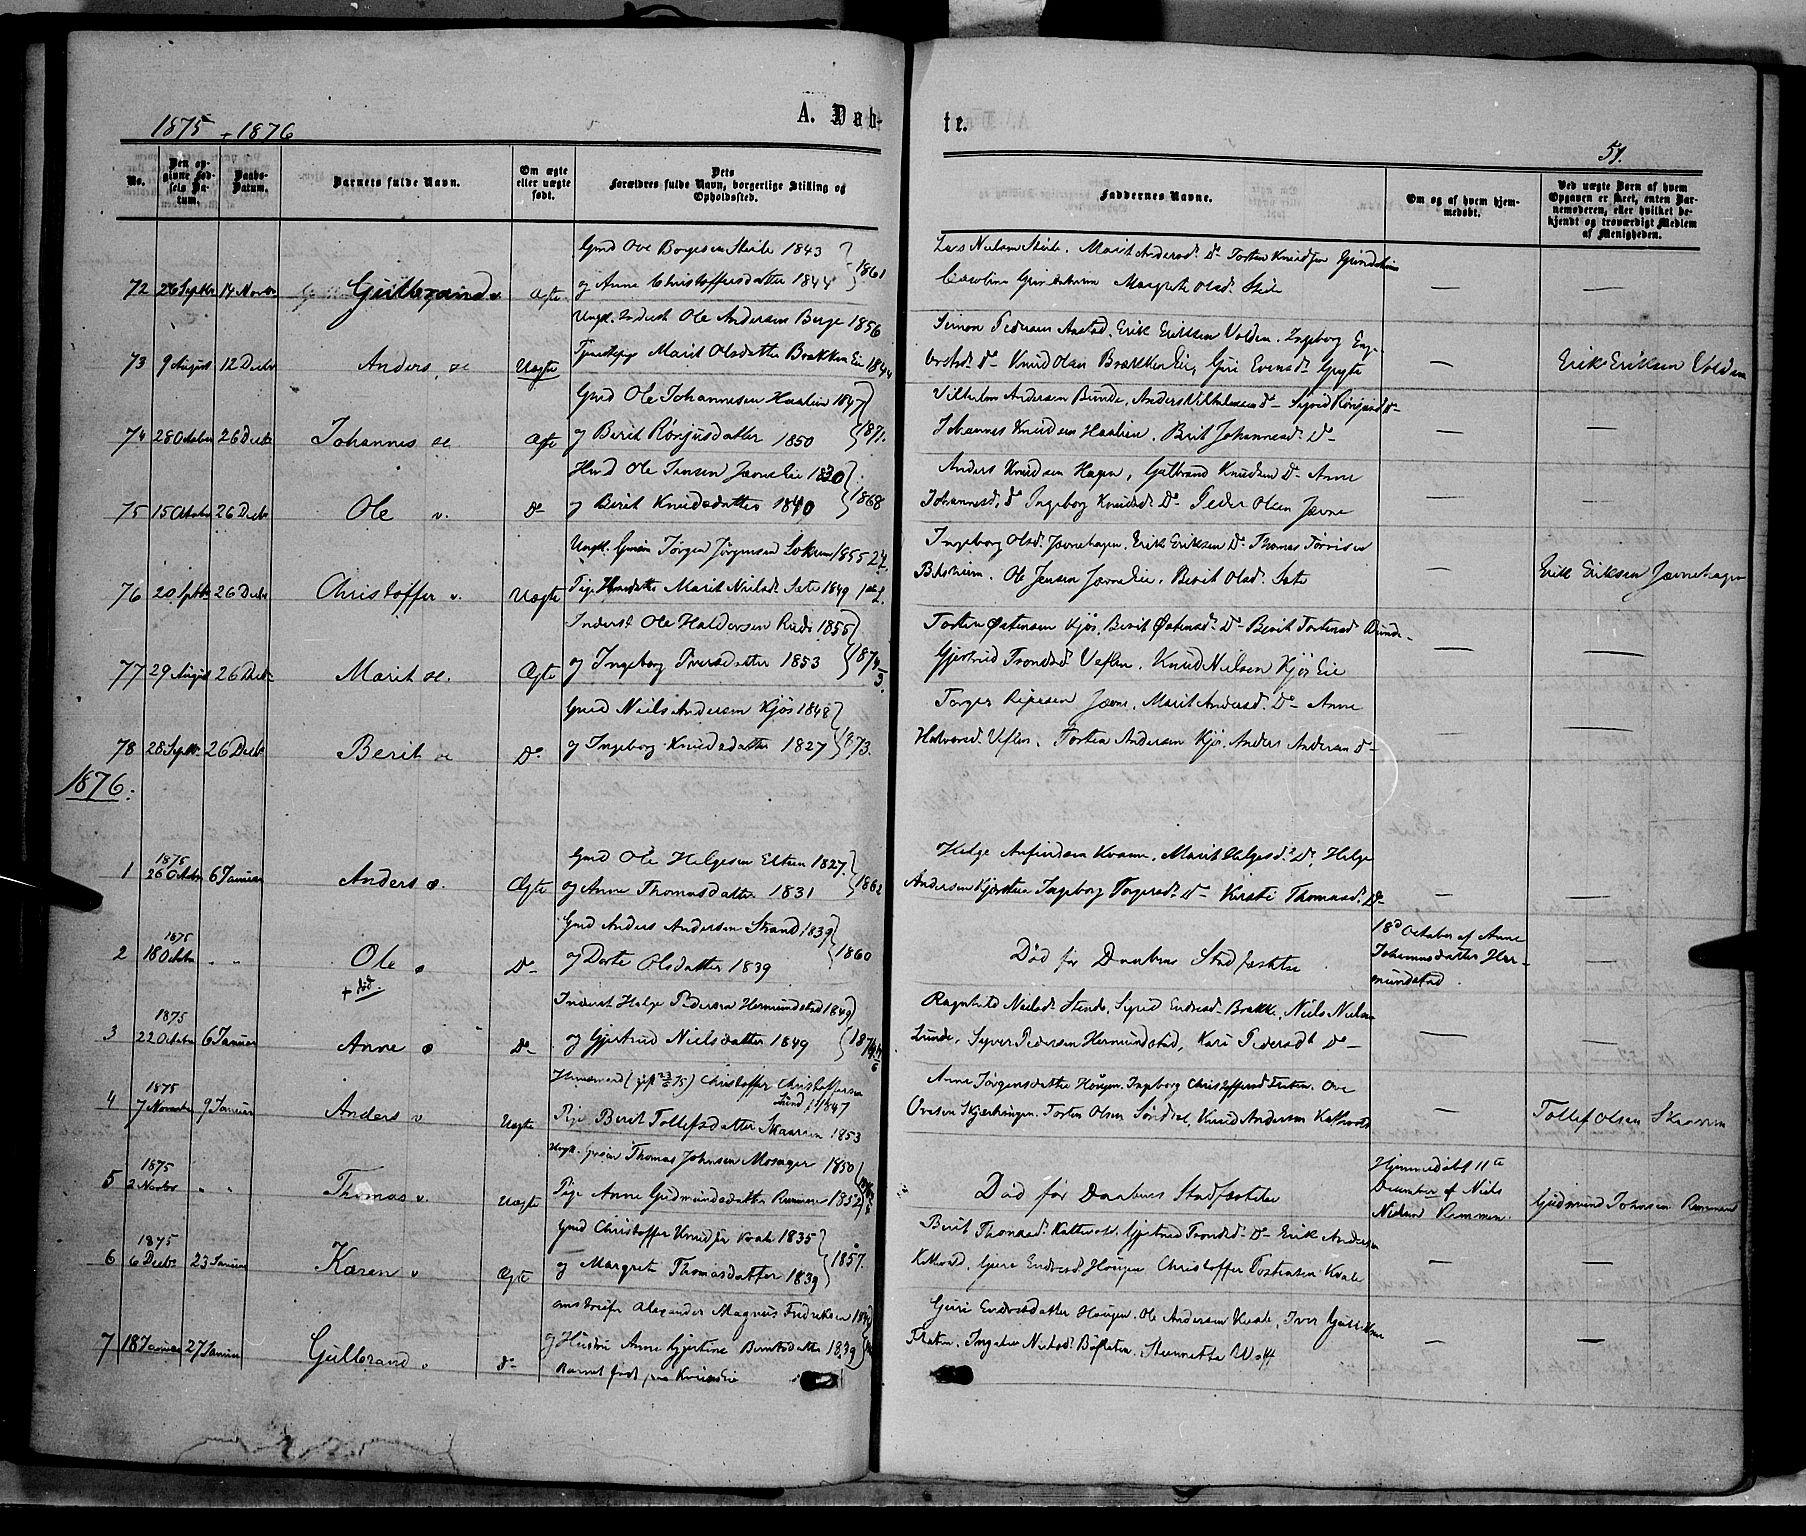 SAH, Vang prestekontor, Valdres, Ministerialbok nr. 7, 1865-1881, s. 51